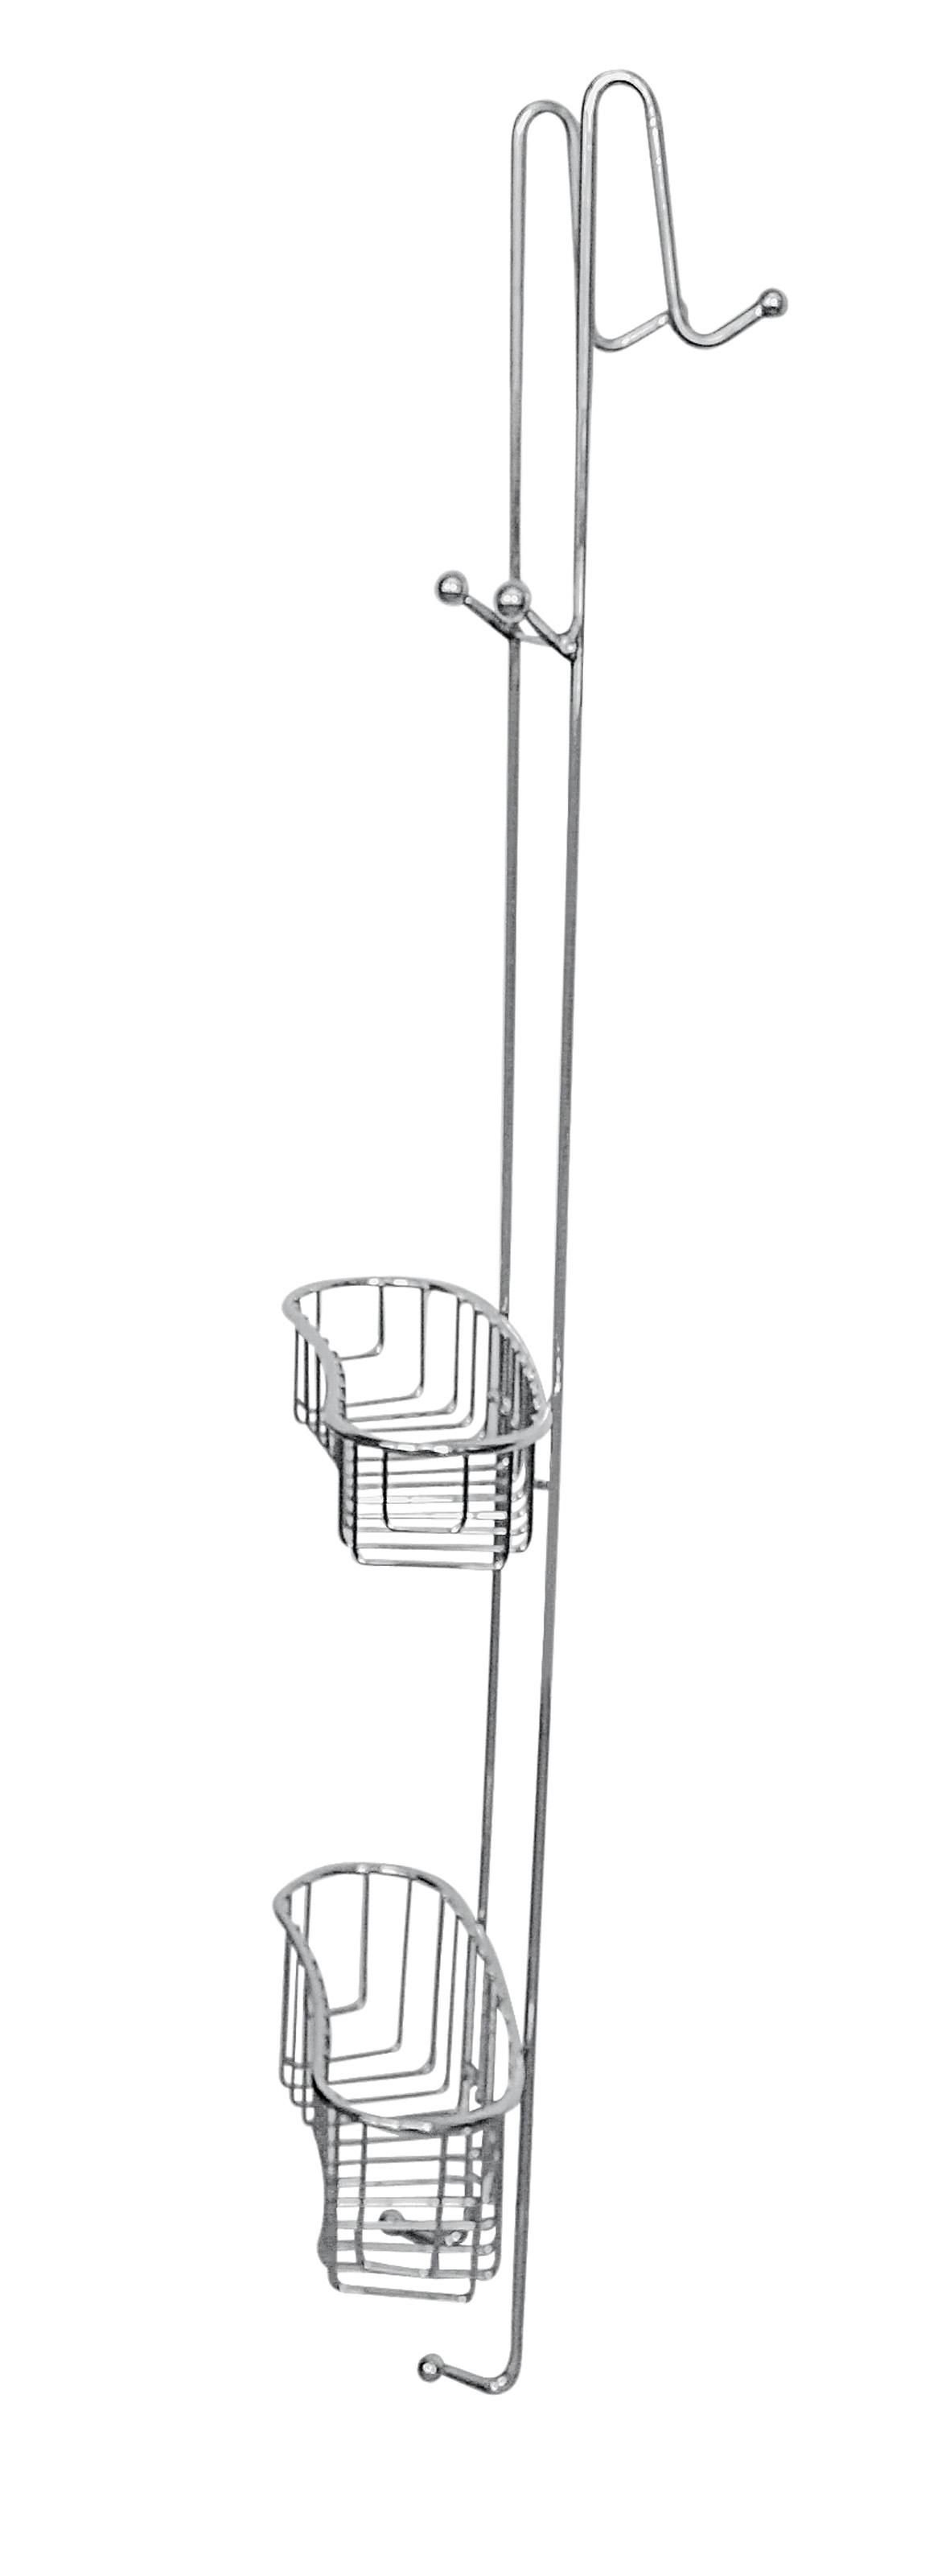 Termometer Cofa För Inne Och Ute Svart 420mm - K-rauta 1777942acef40